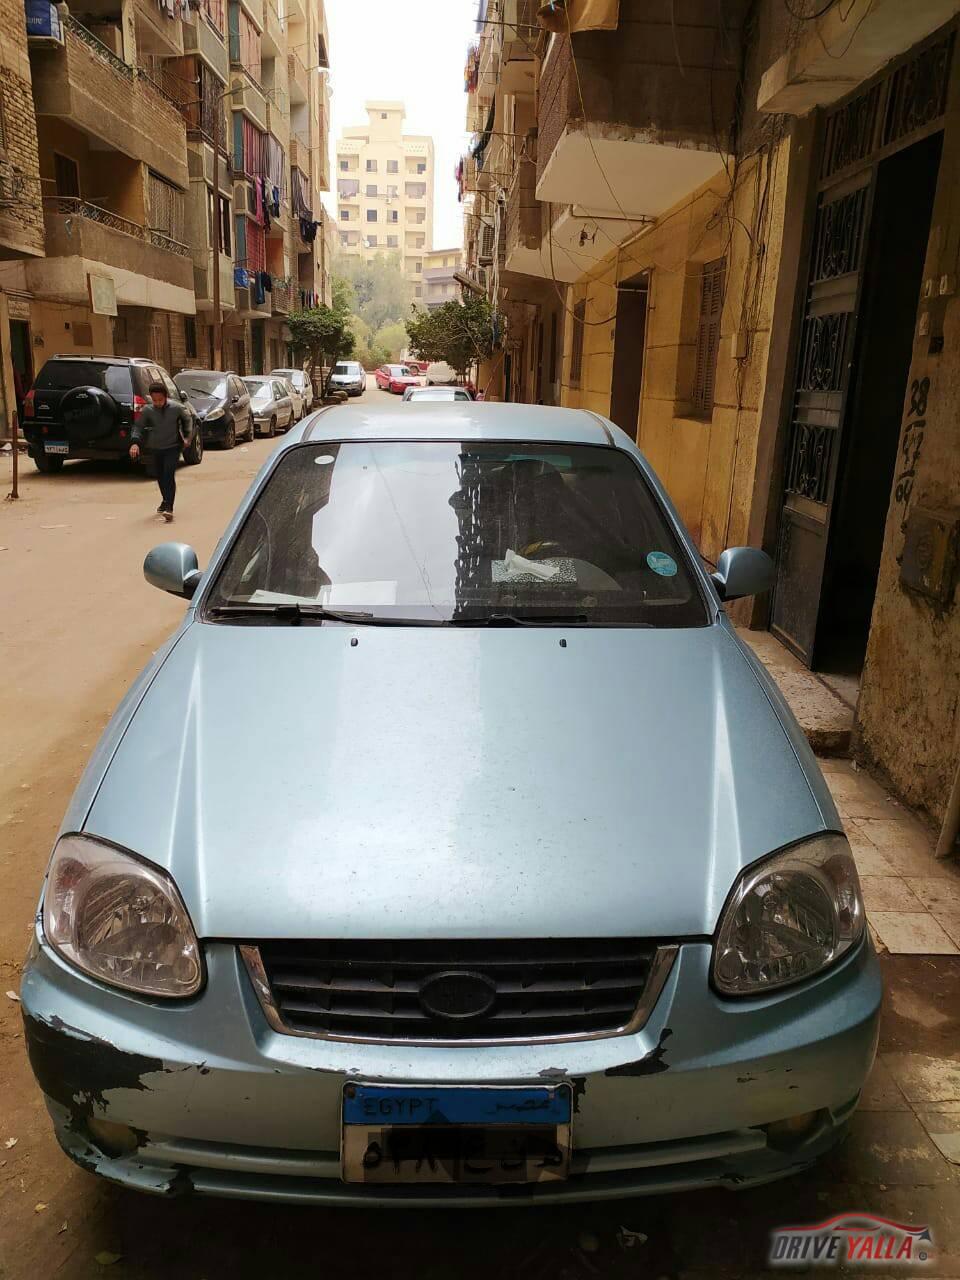 هيواندى فيرنا مستعملة للبيع فى مصر 2006